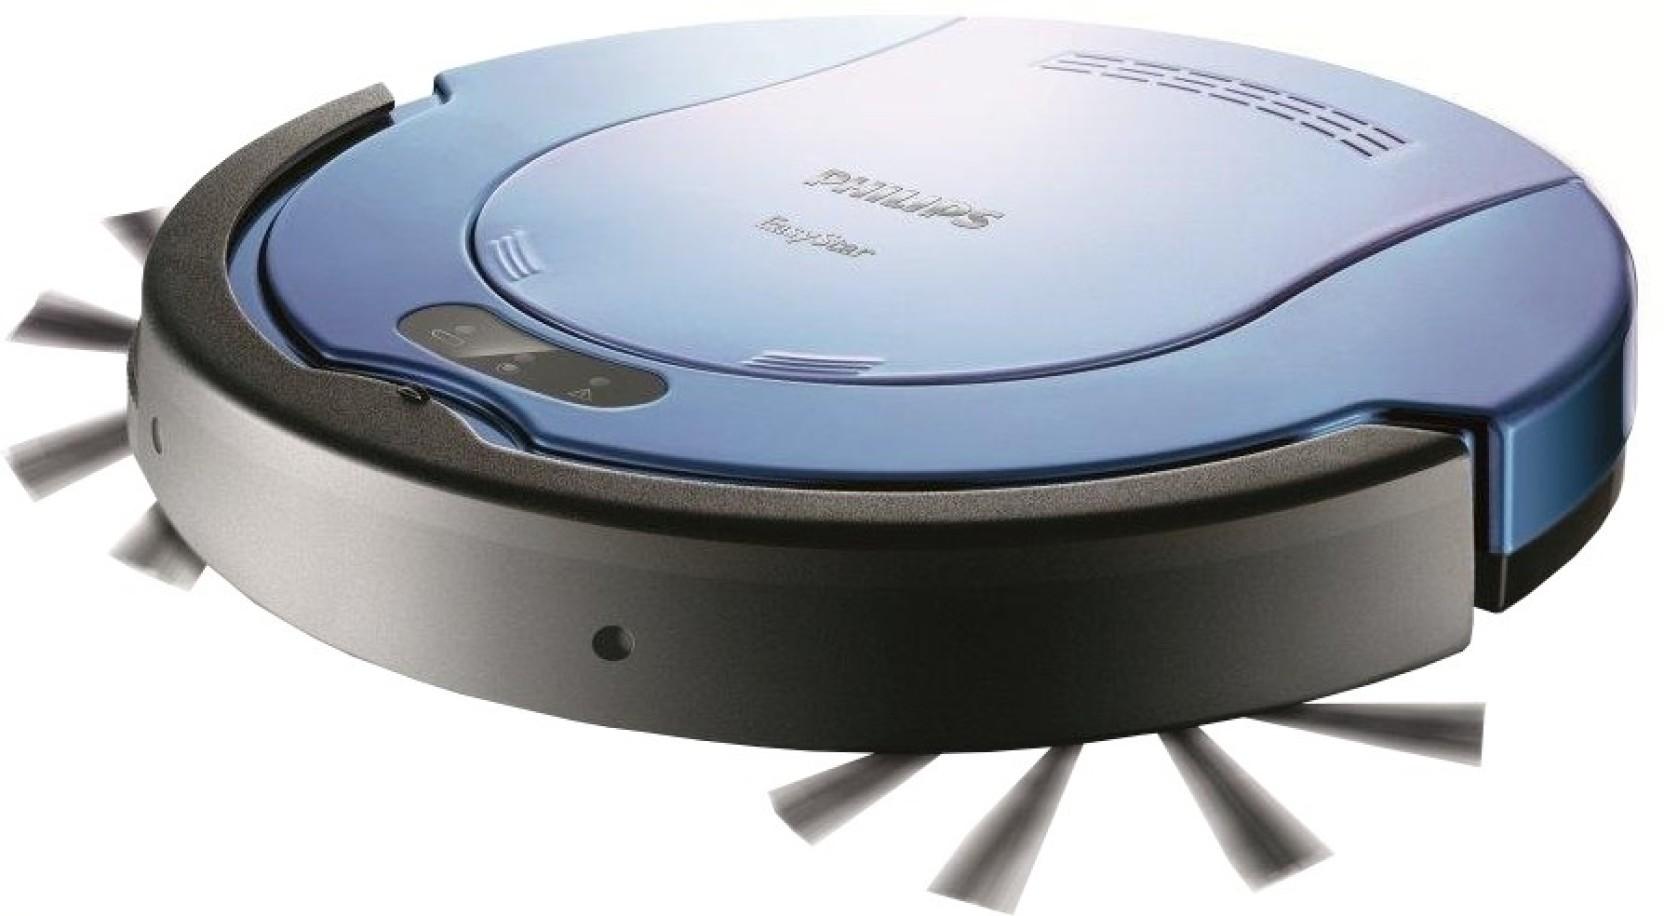 Philips Fc 8800 01 8838 800 01010 Robotic Floor